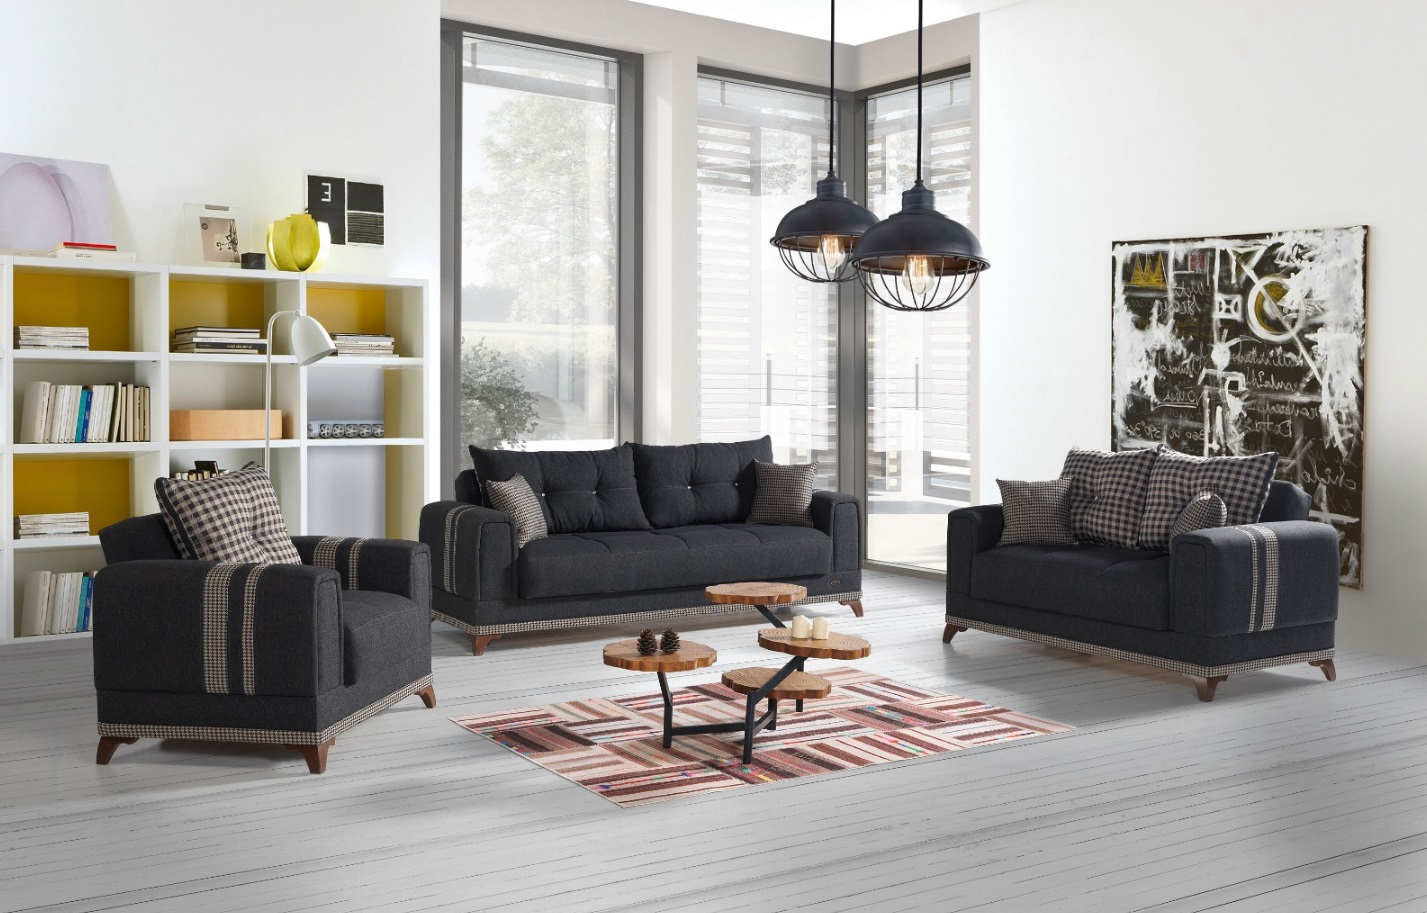 Windy Couch Garnitur mit Stauraum Grau Okyanus